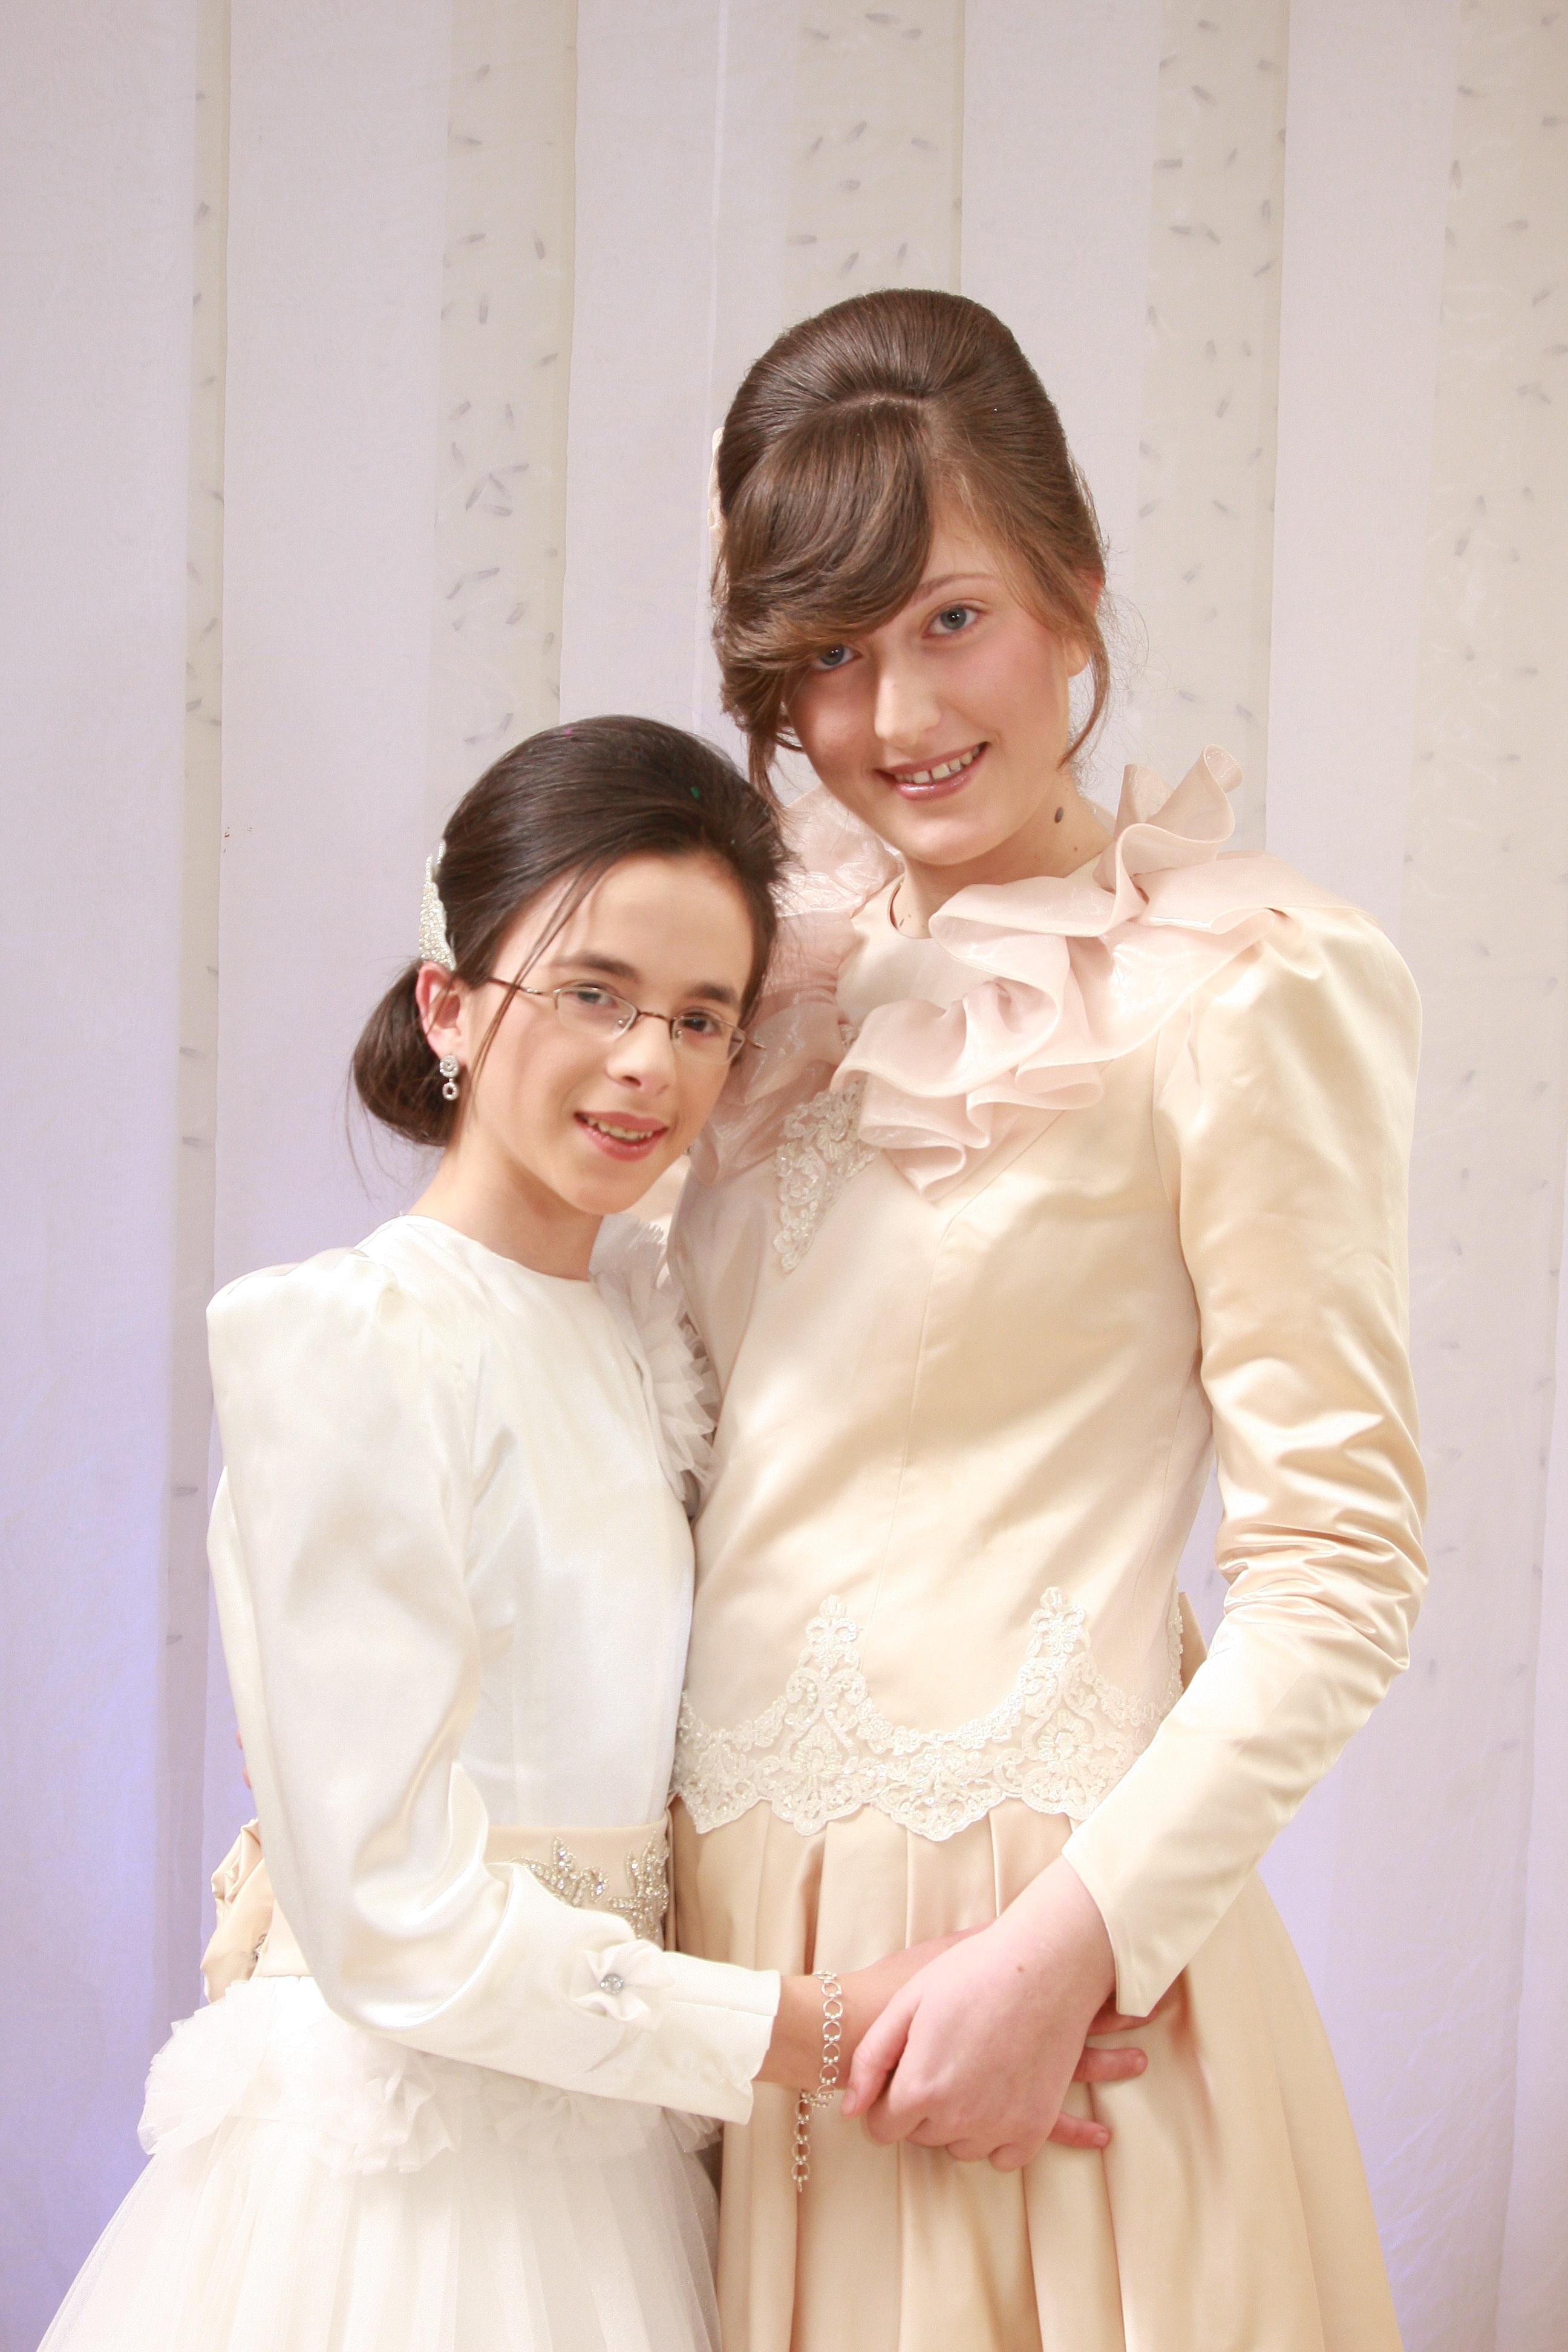 c307c515de39 mennesker kvinde fotografering fest romantik tøj bryllup bryllupskjole brud  Brudgom ægteskab smilende ansigt ceremoni kjole fotografi